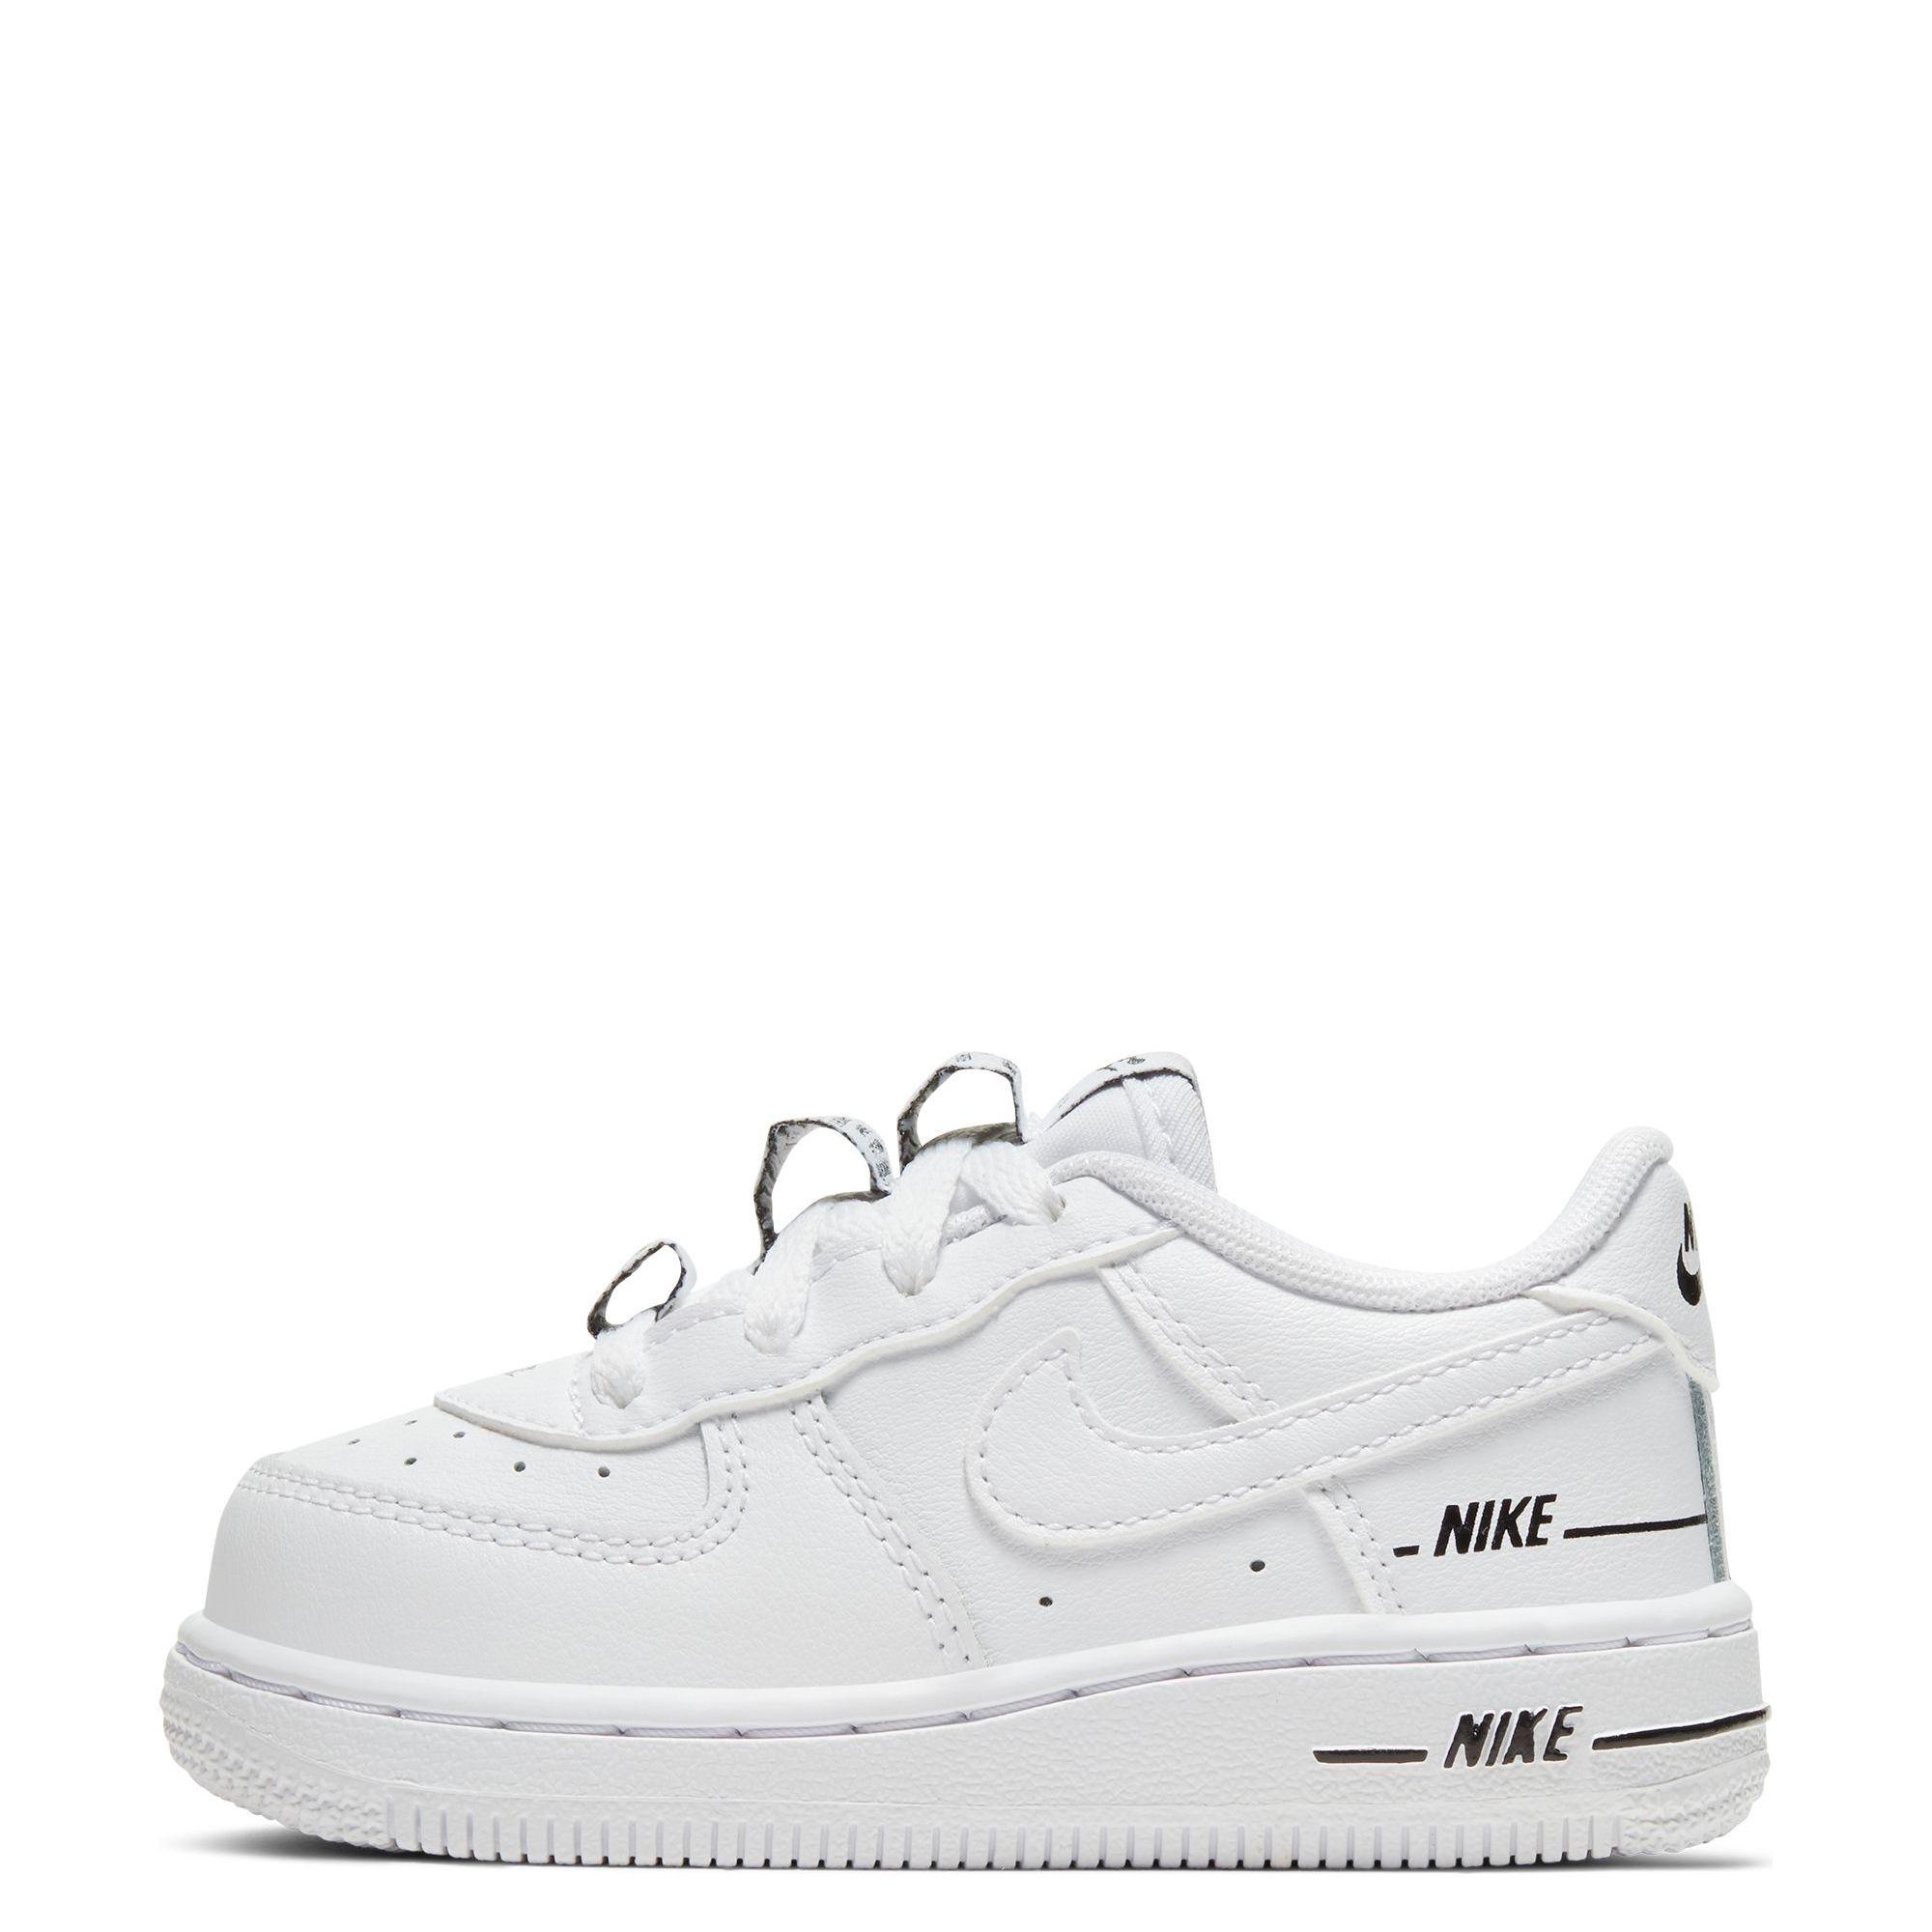 TD) Force 1 LV8 3 White/White-Black